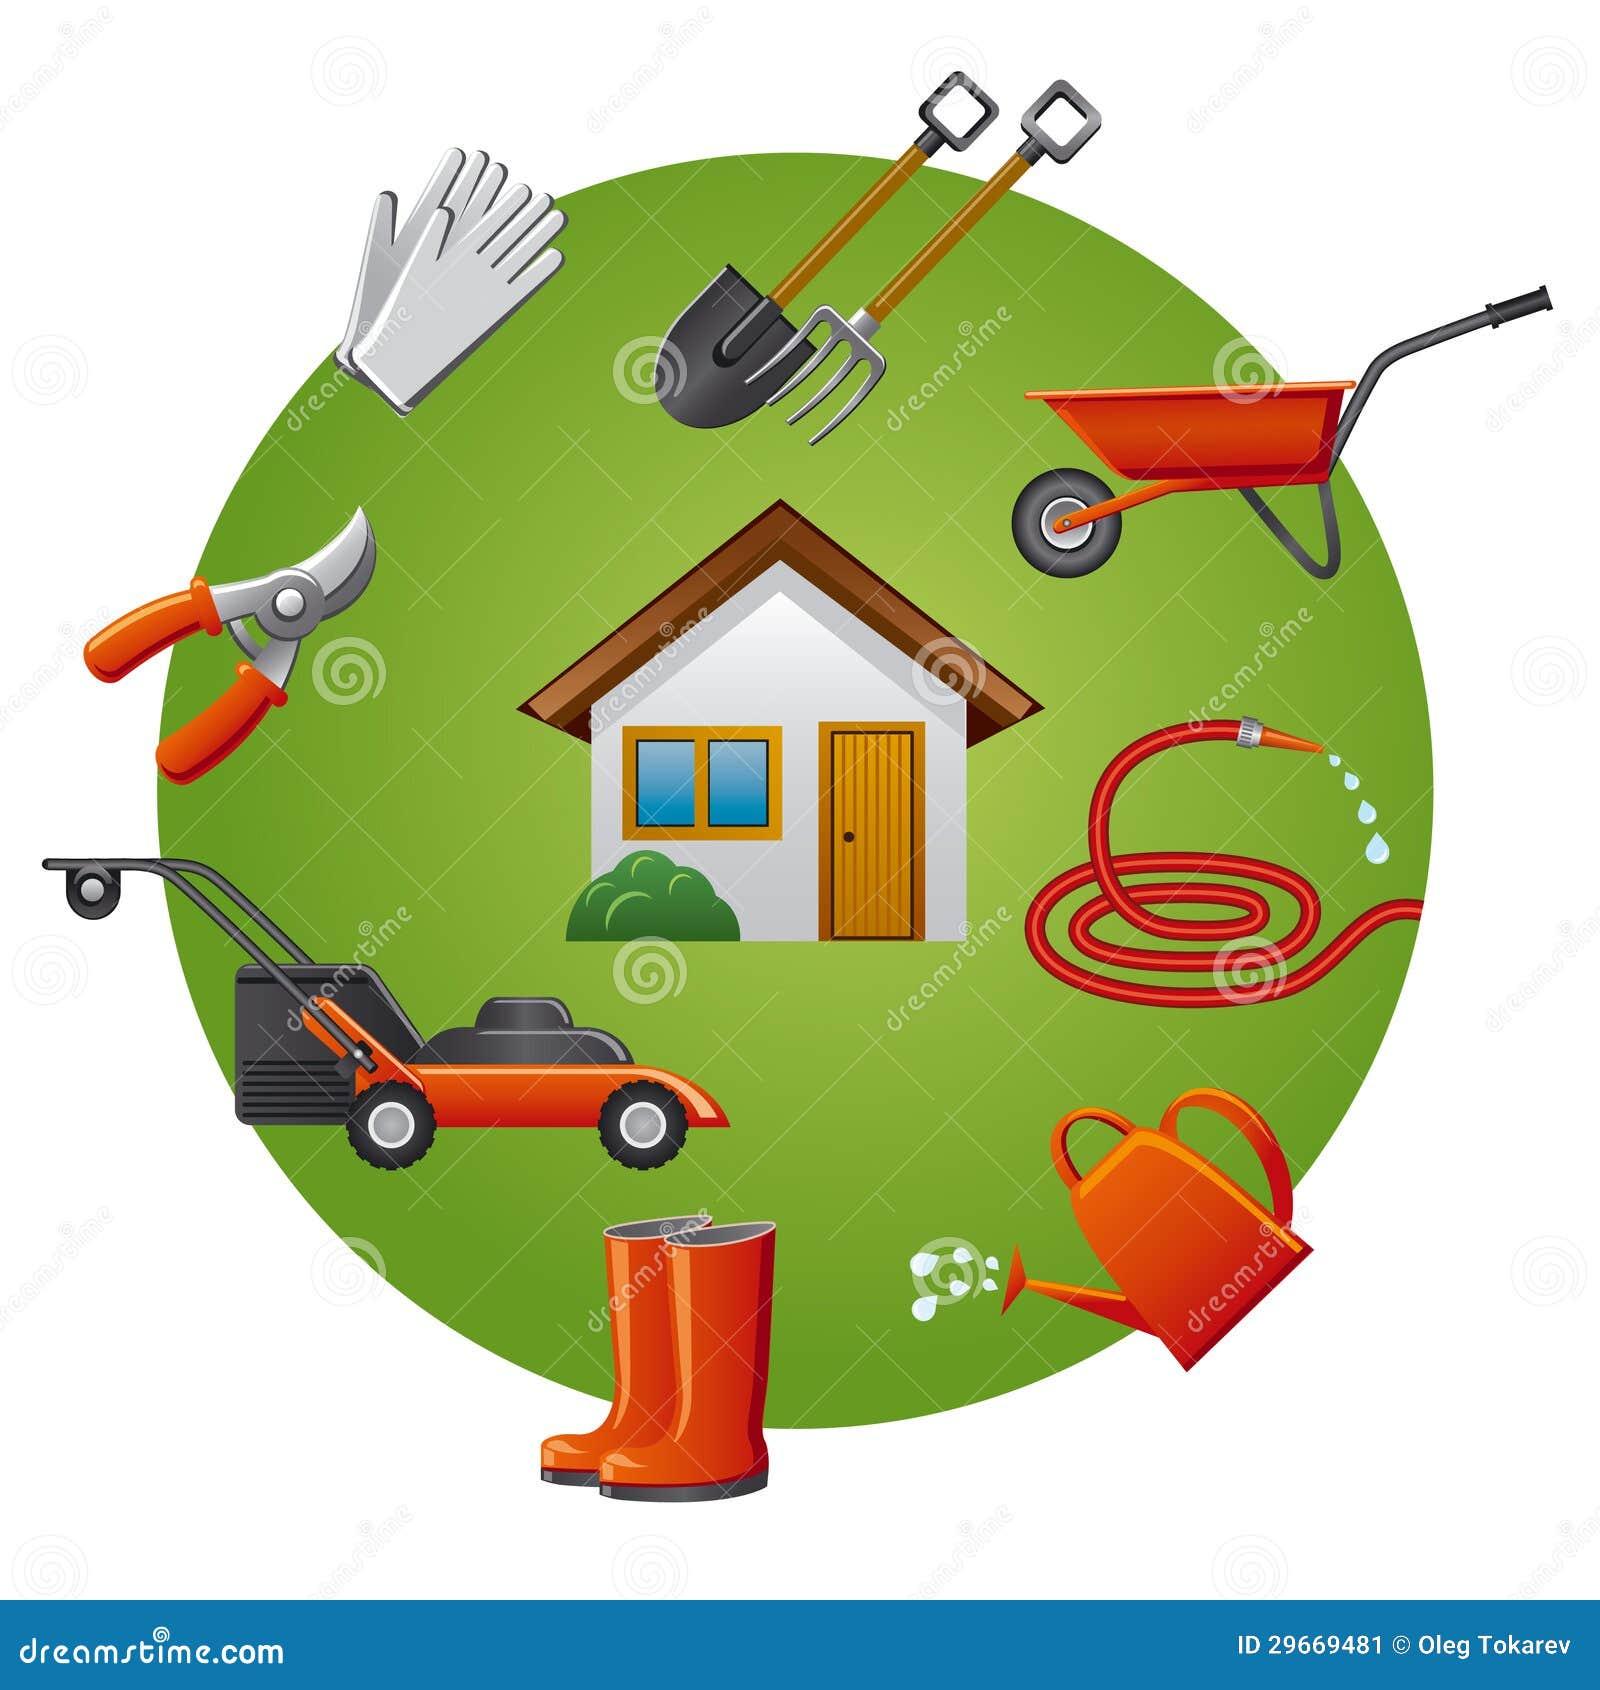 Sistema del icono de los utensilios de jardiner a imagen - Imagenes de jardineria ...